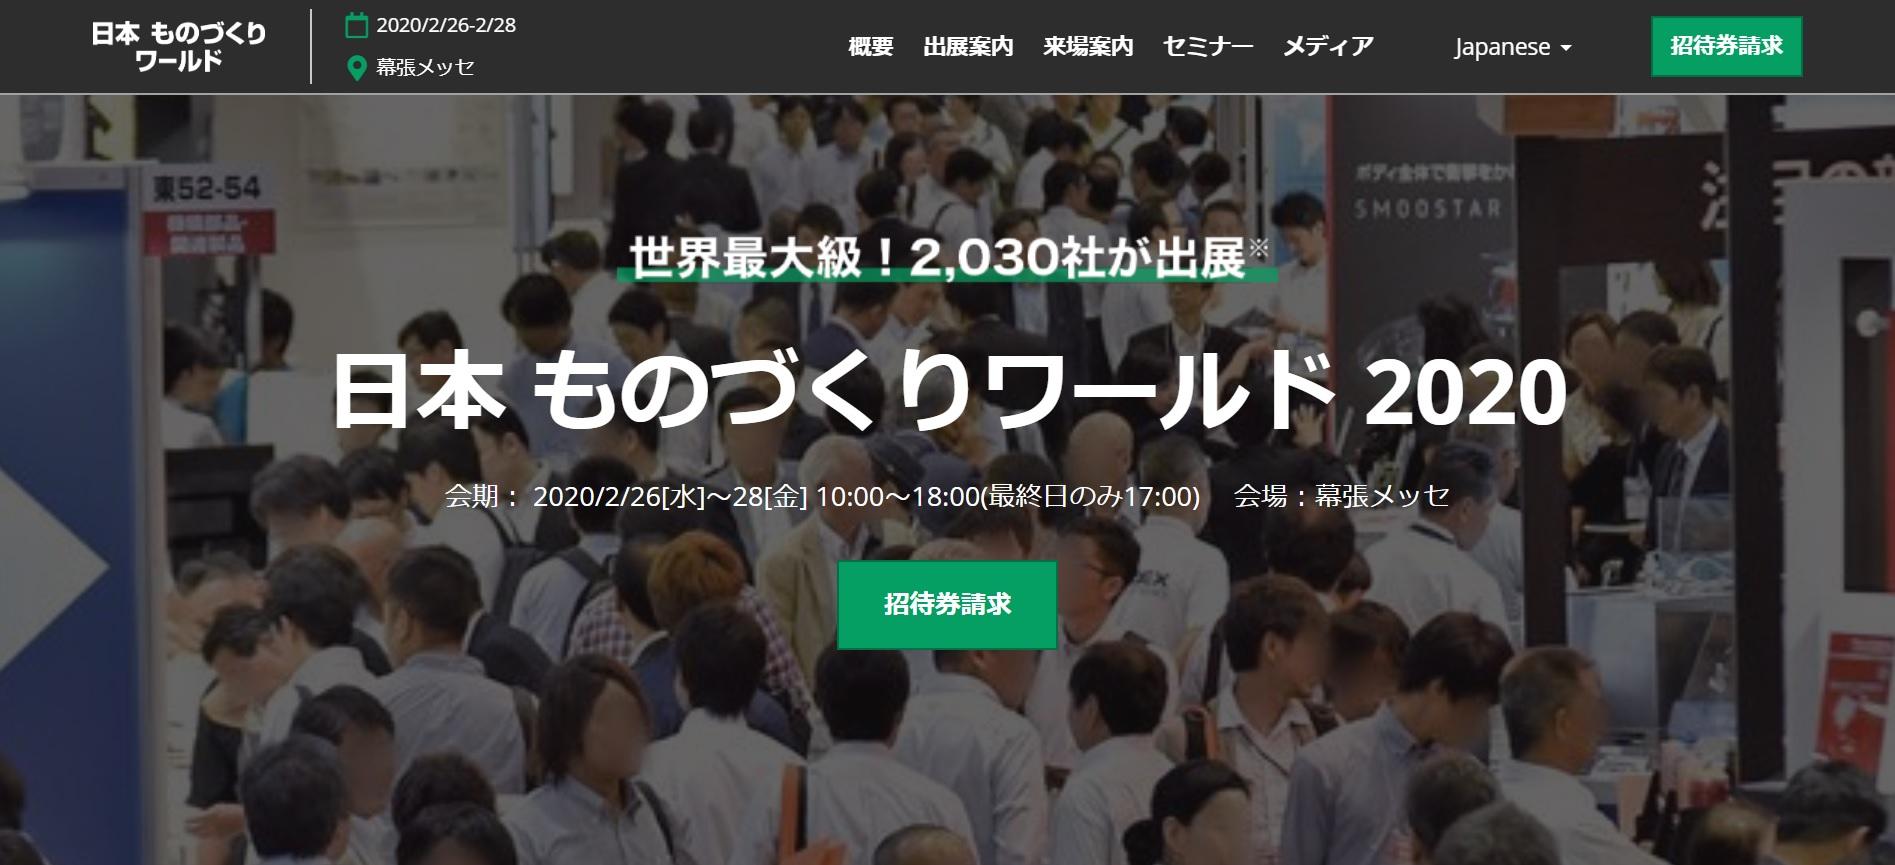 ものづくりワールド2020公式ページ画像